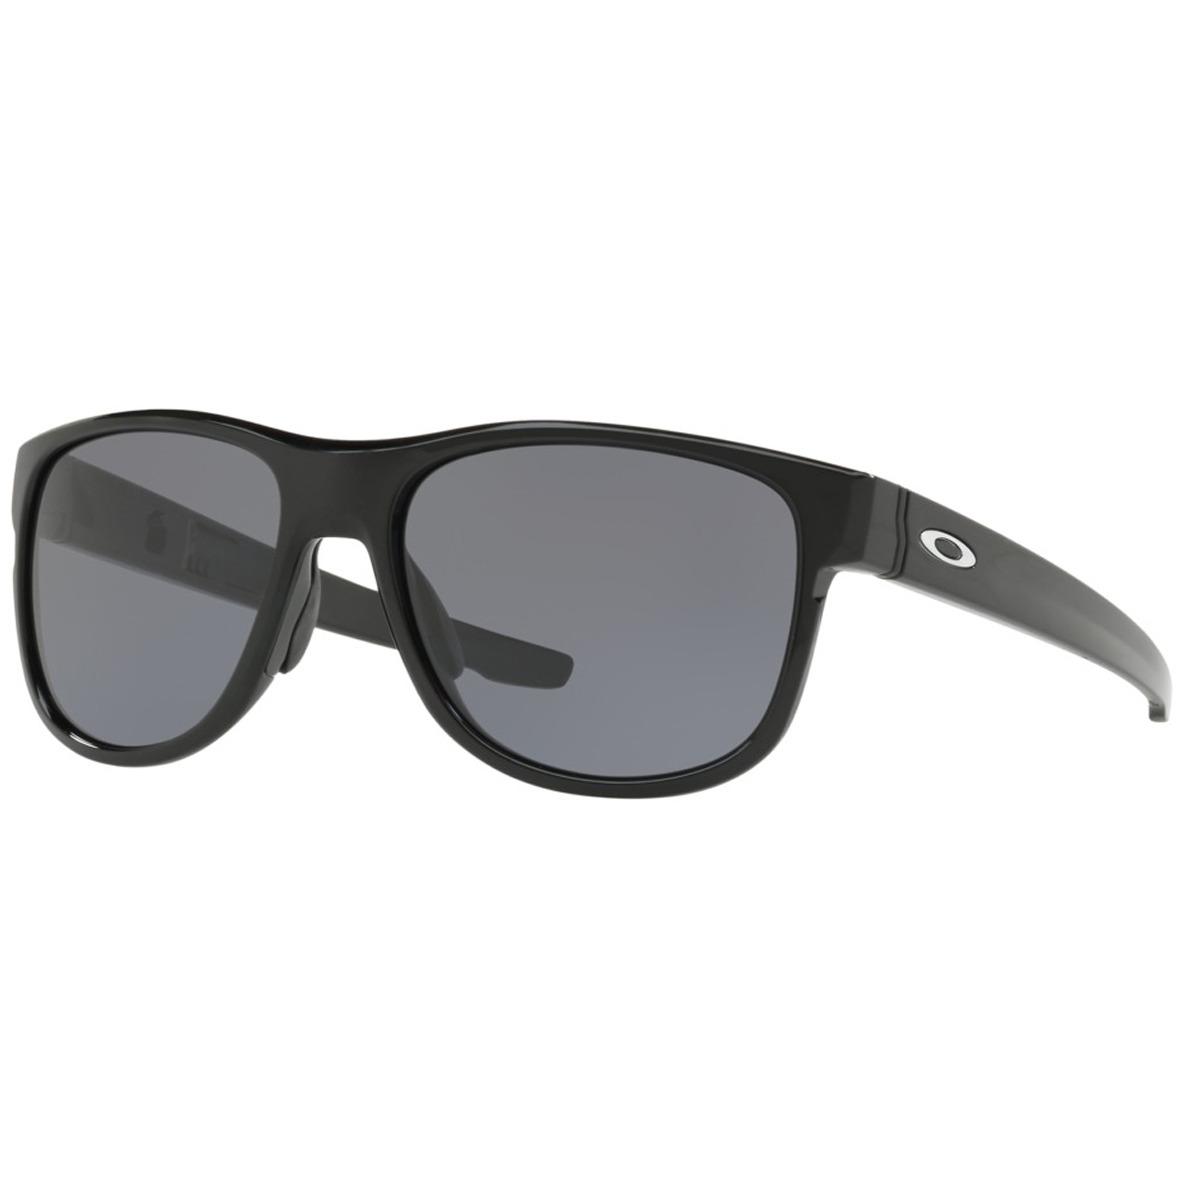 08fbd8c6895a1 Óculos Oakley Crossrange R Polished Black  Lente Grey - R  549,90 em ...